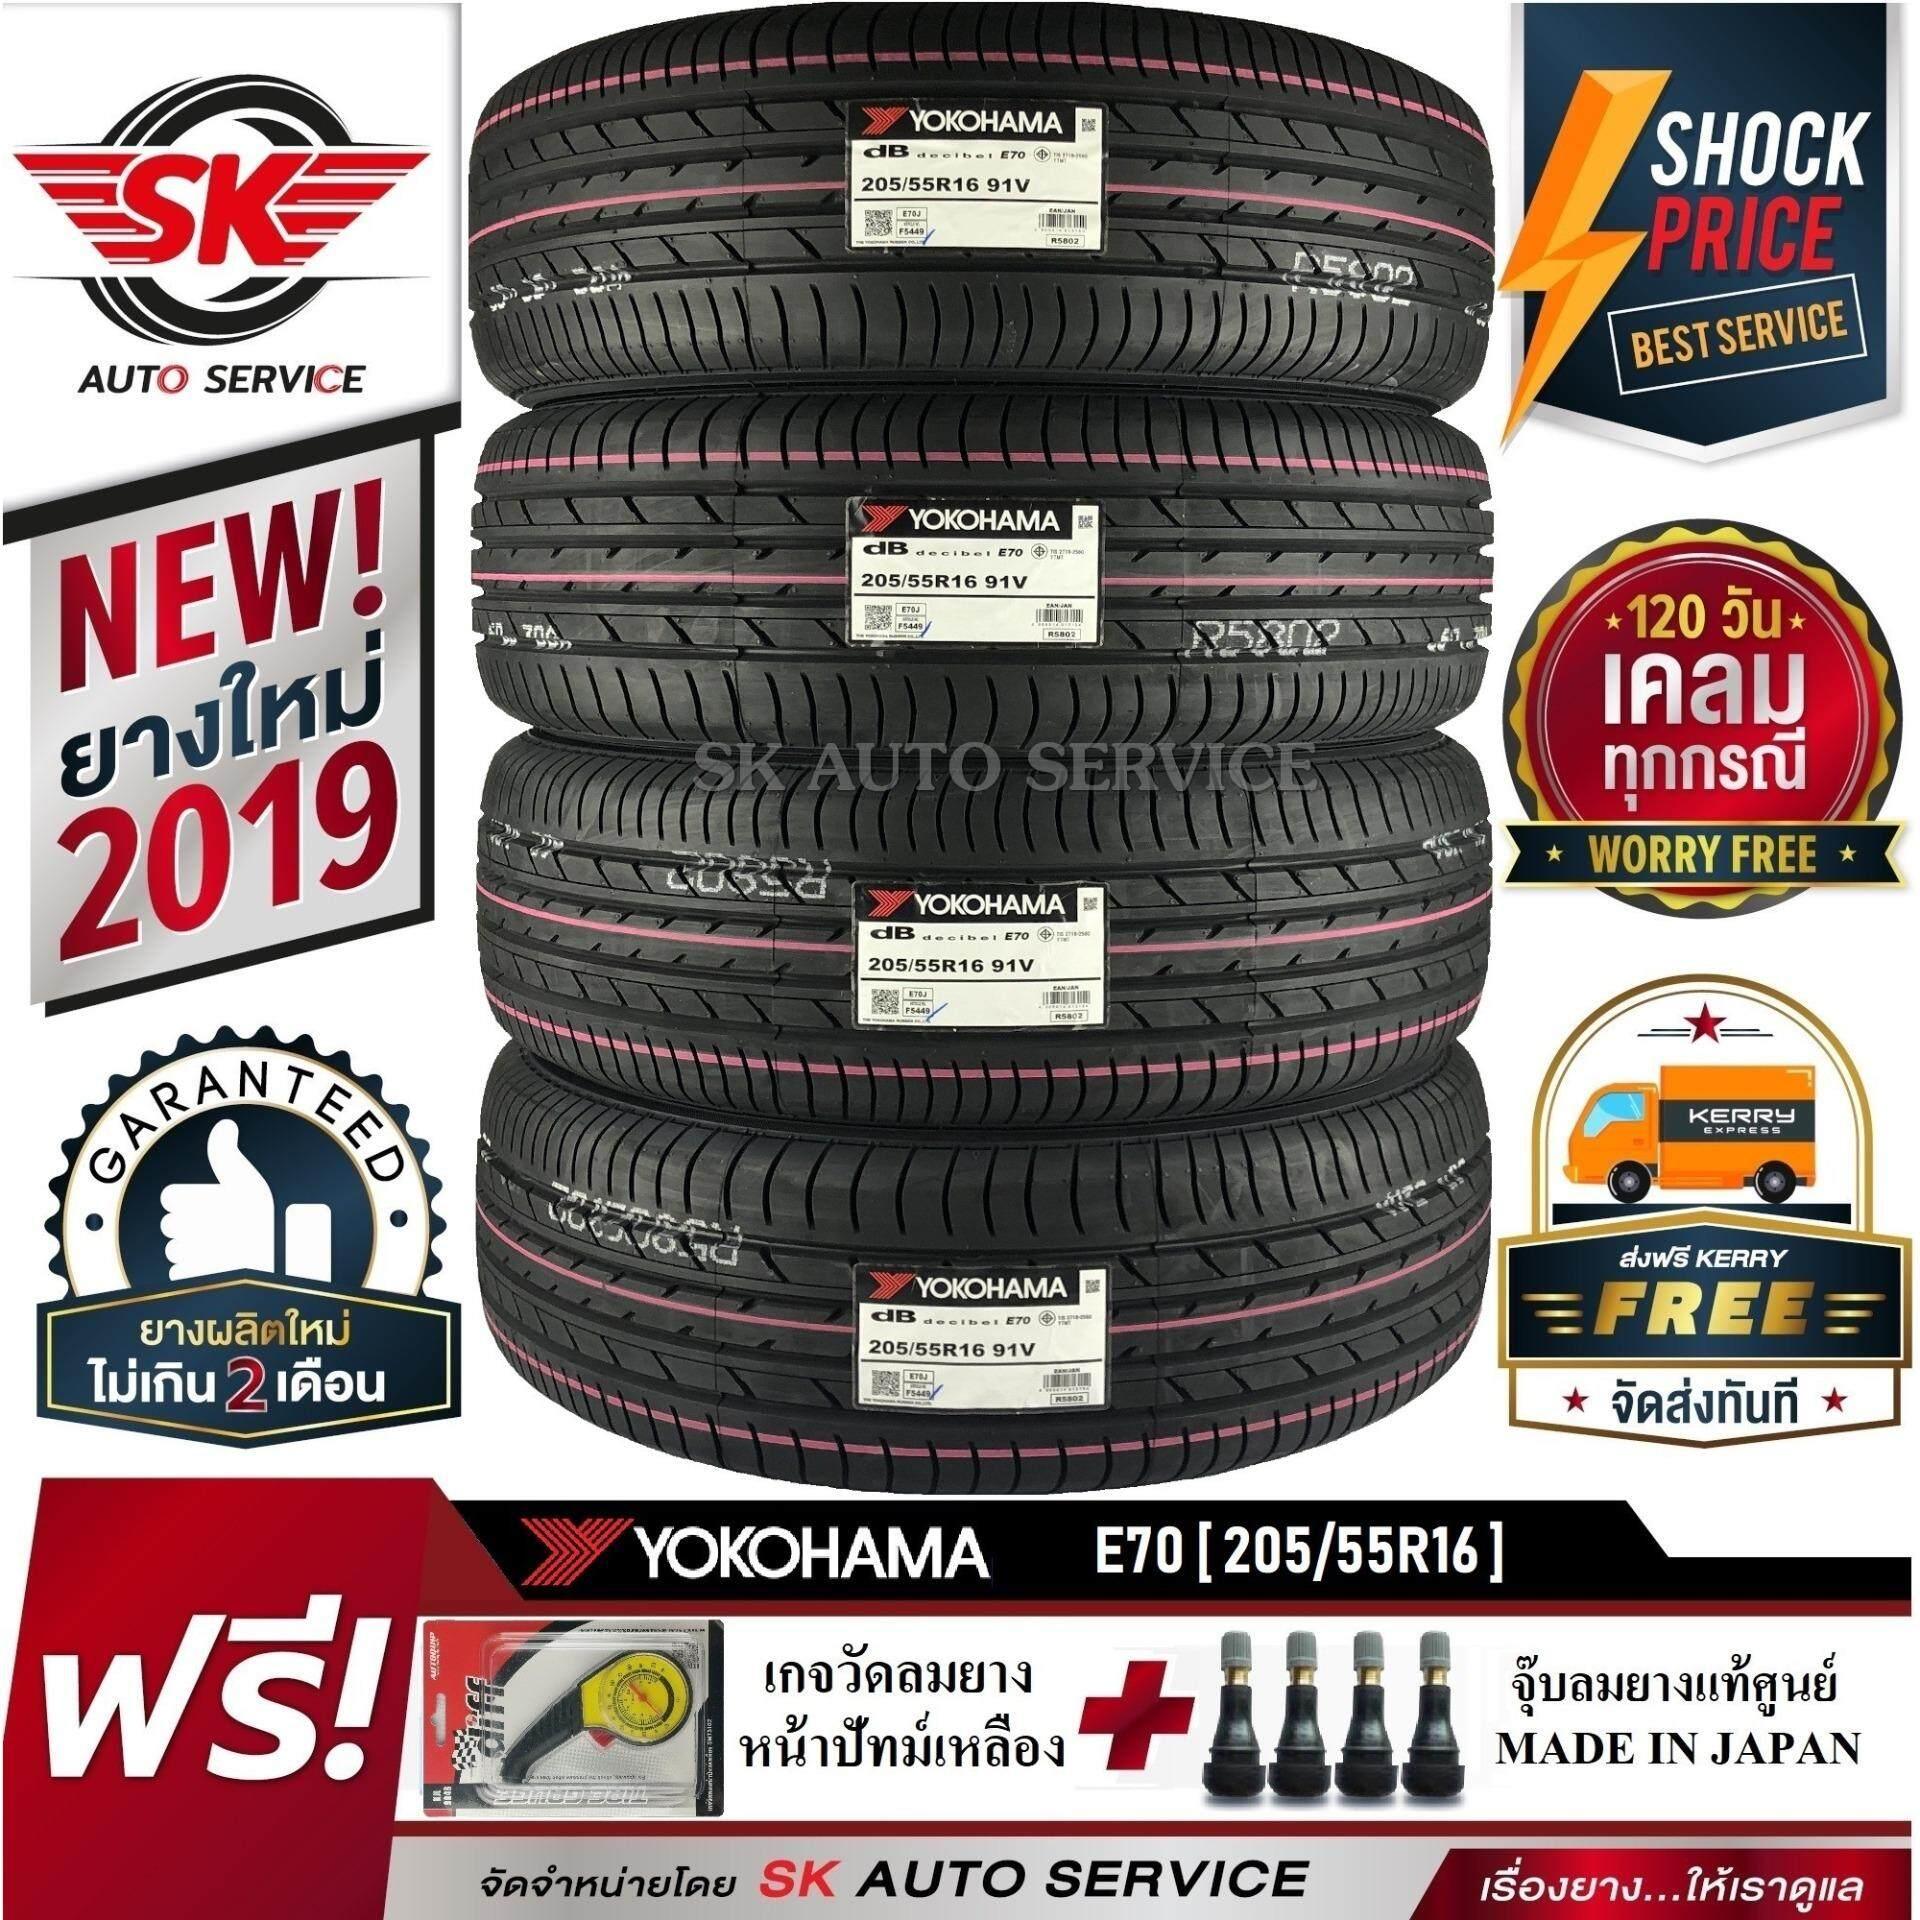 ประกันภัย รถยนต์ 2+ ตราด YOKOHAMA ยางรถยนต์ 205/55R16 (เก๋งขอบ16) รุ่น E70 4 เส้น (รุ่นใหม่ ผลิตปี 2019)